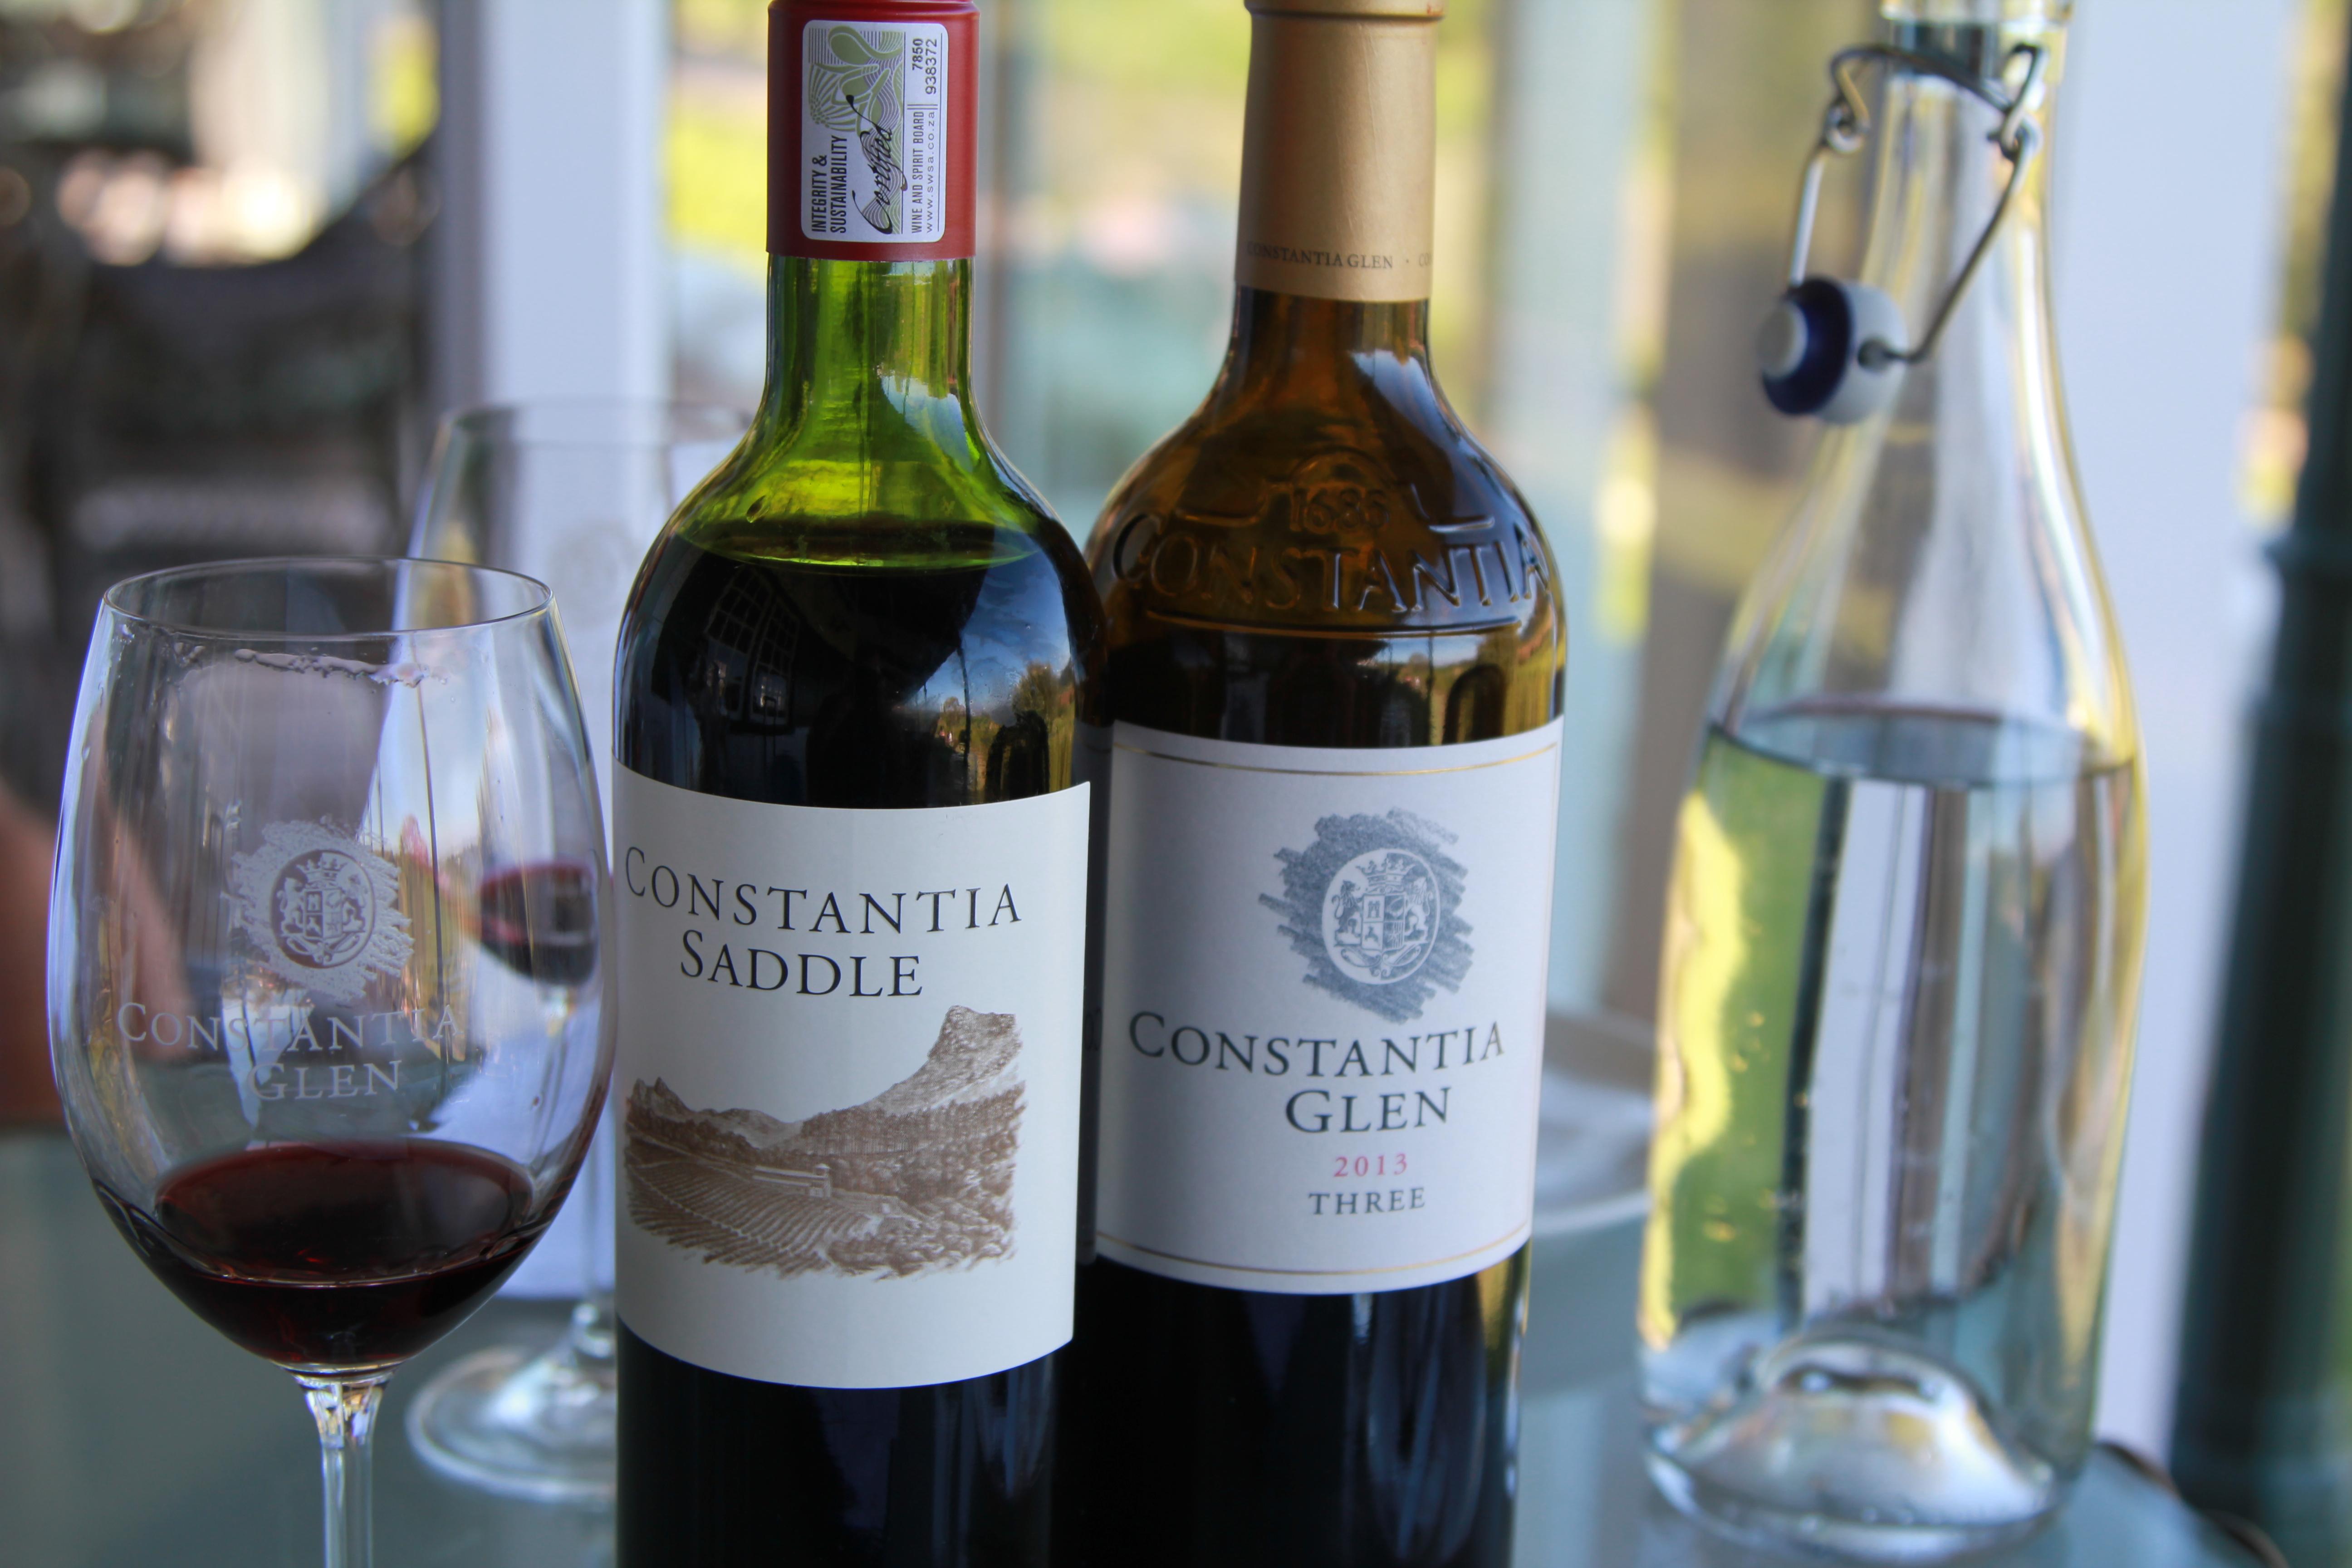 Constantia Glen Red Wines